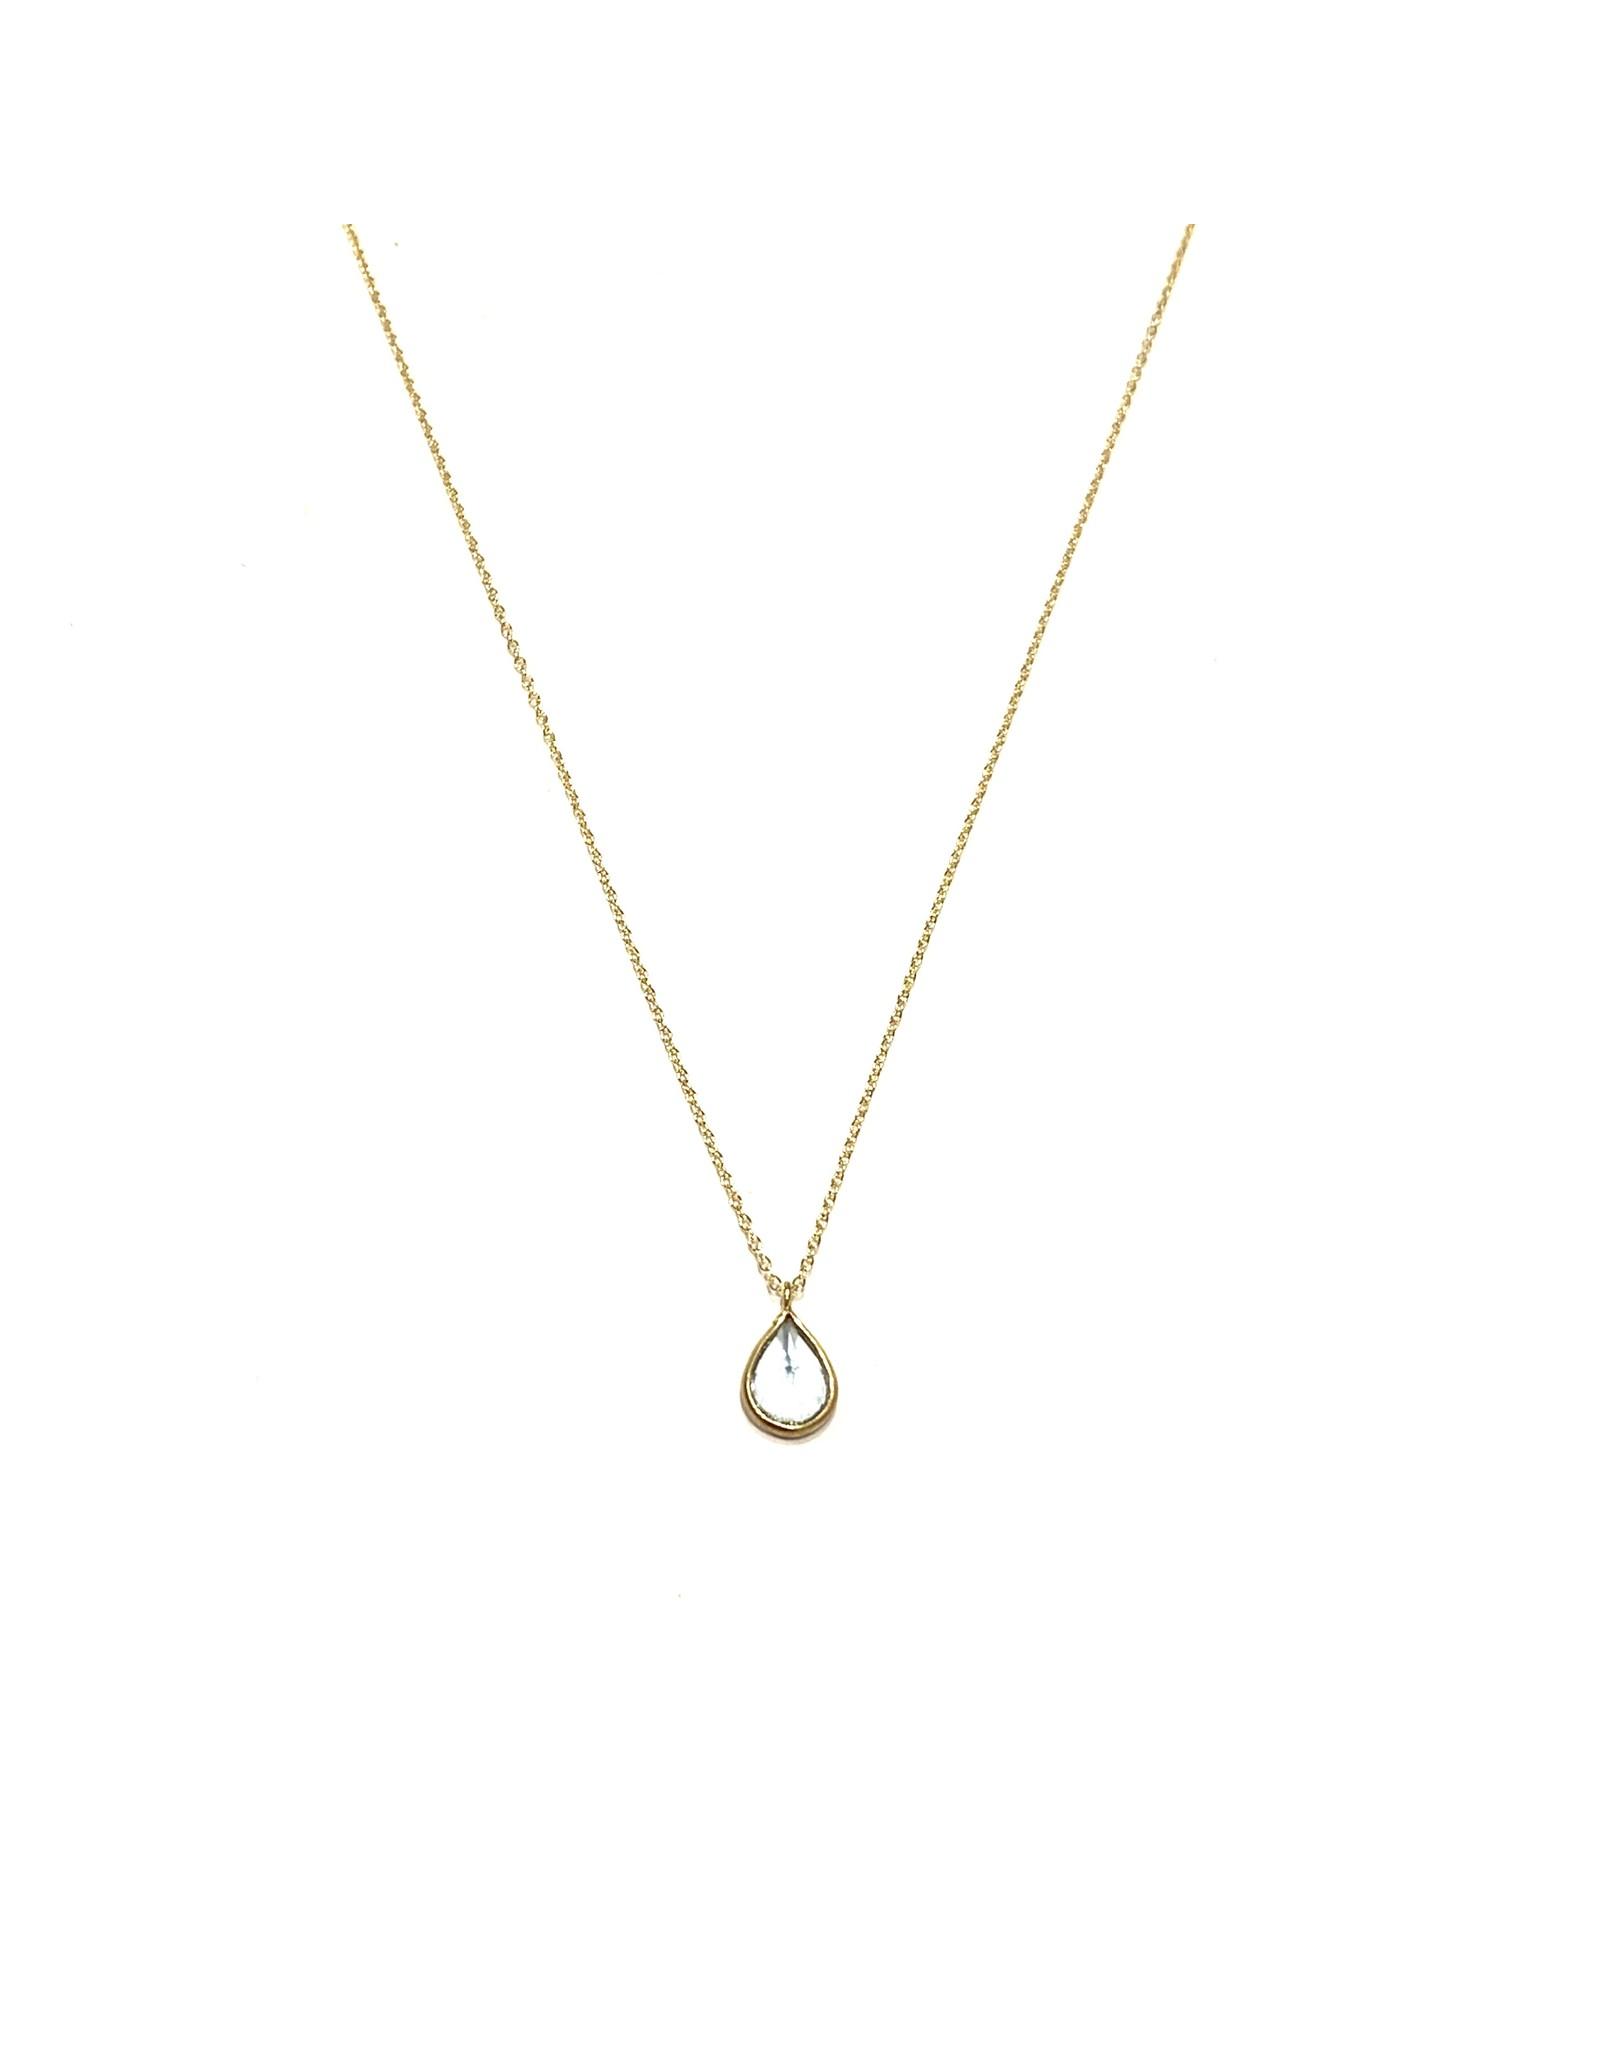 Bo Gold Necklace - Gold - Blue Topaz